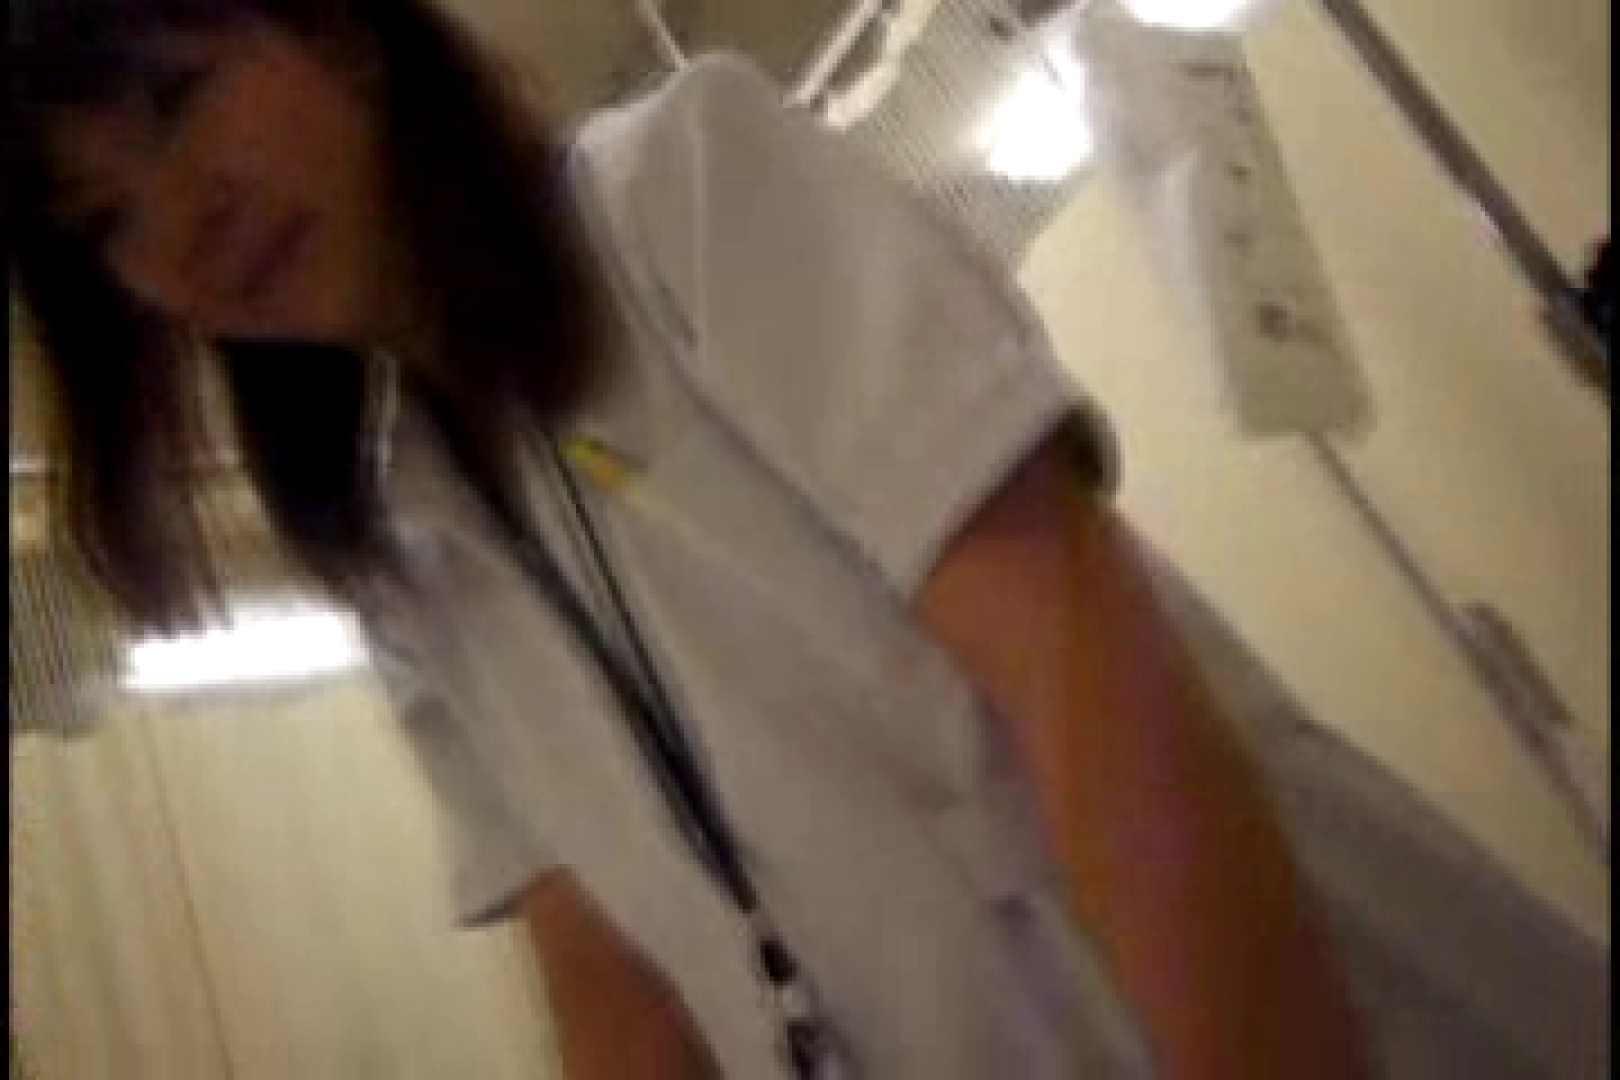 ヤリマンと呼ばれた看護士さんvol1 シックスナイン  98pic 45